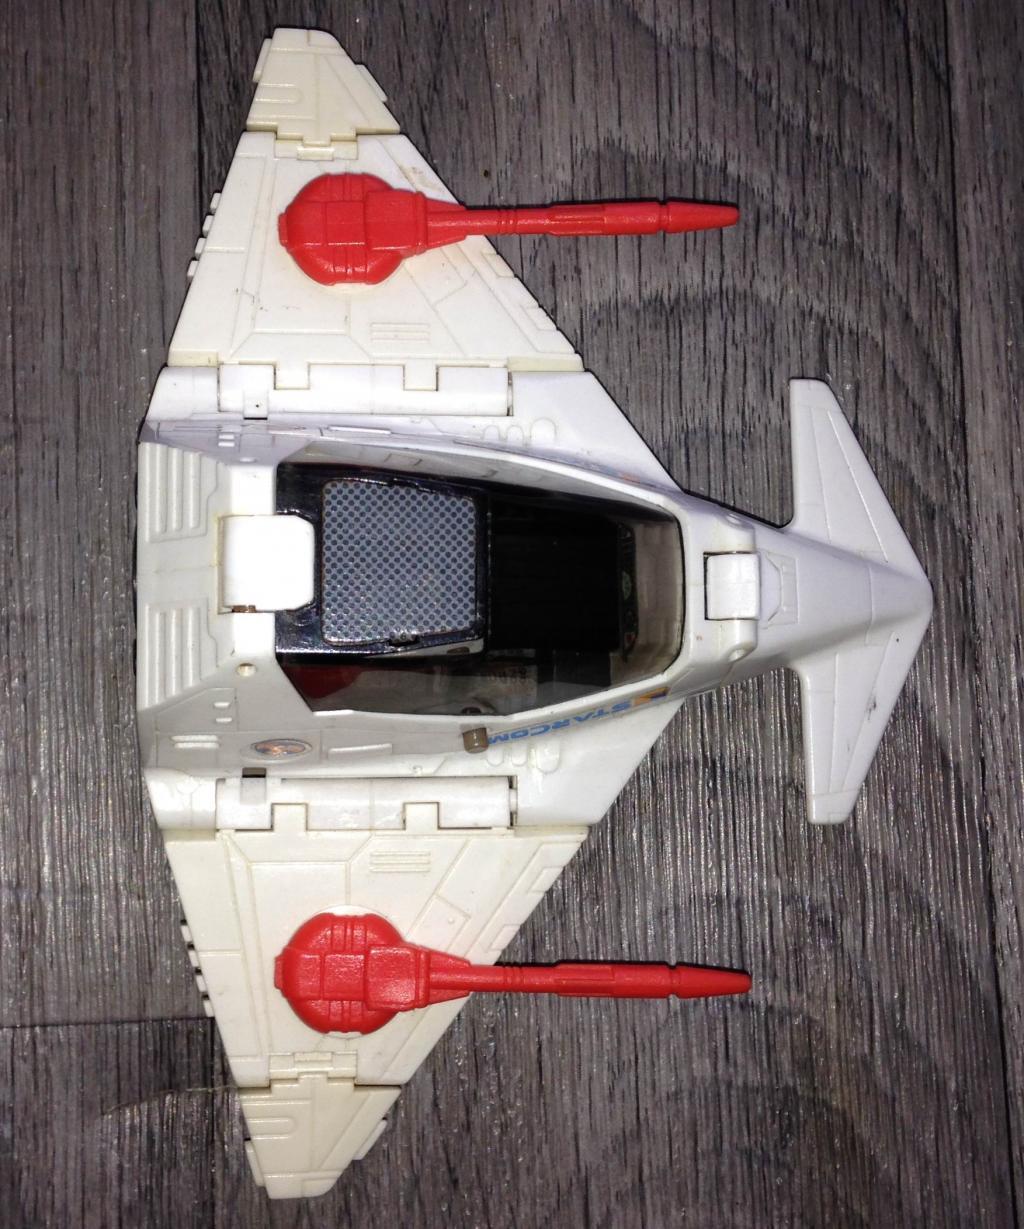 Starcom (COLECO) 1986 Img_3326-4146656